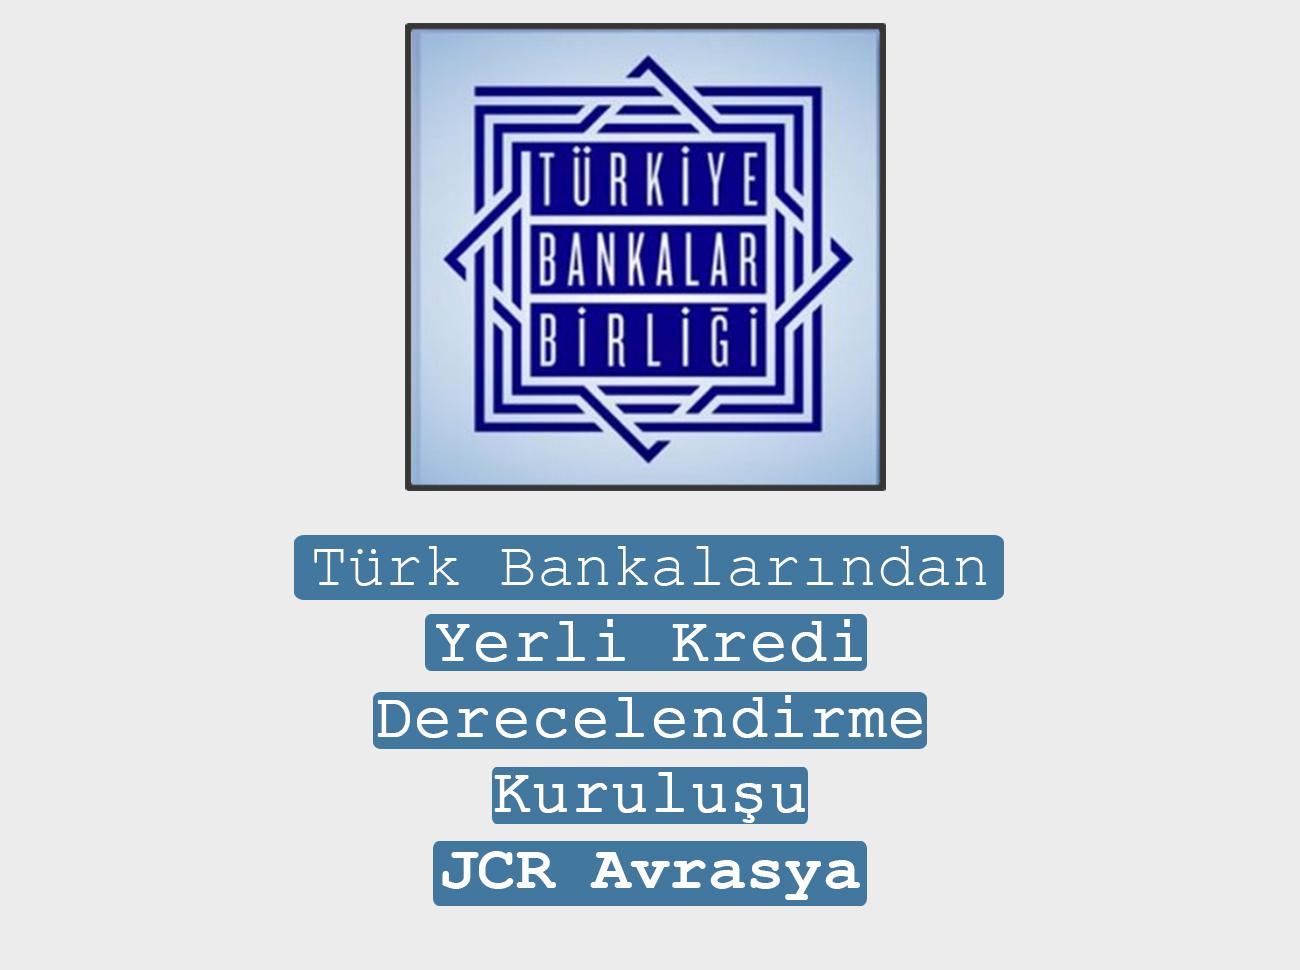 Türk Bankaları JCR Avrasya'nın Çoğunluk Hissesini Aldı